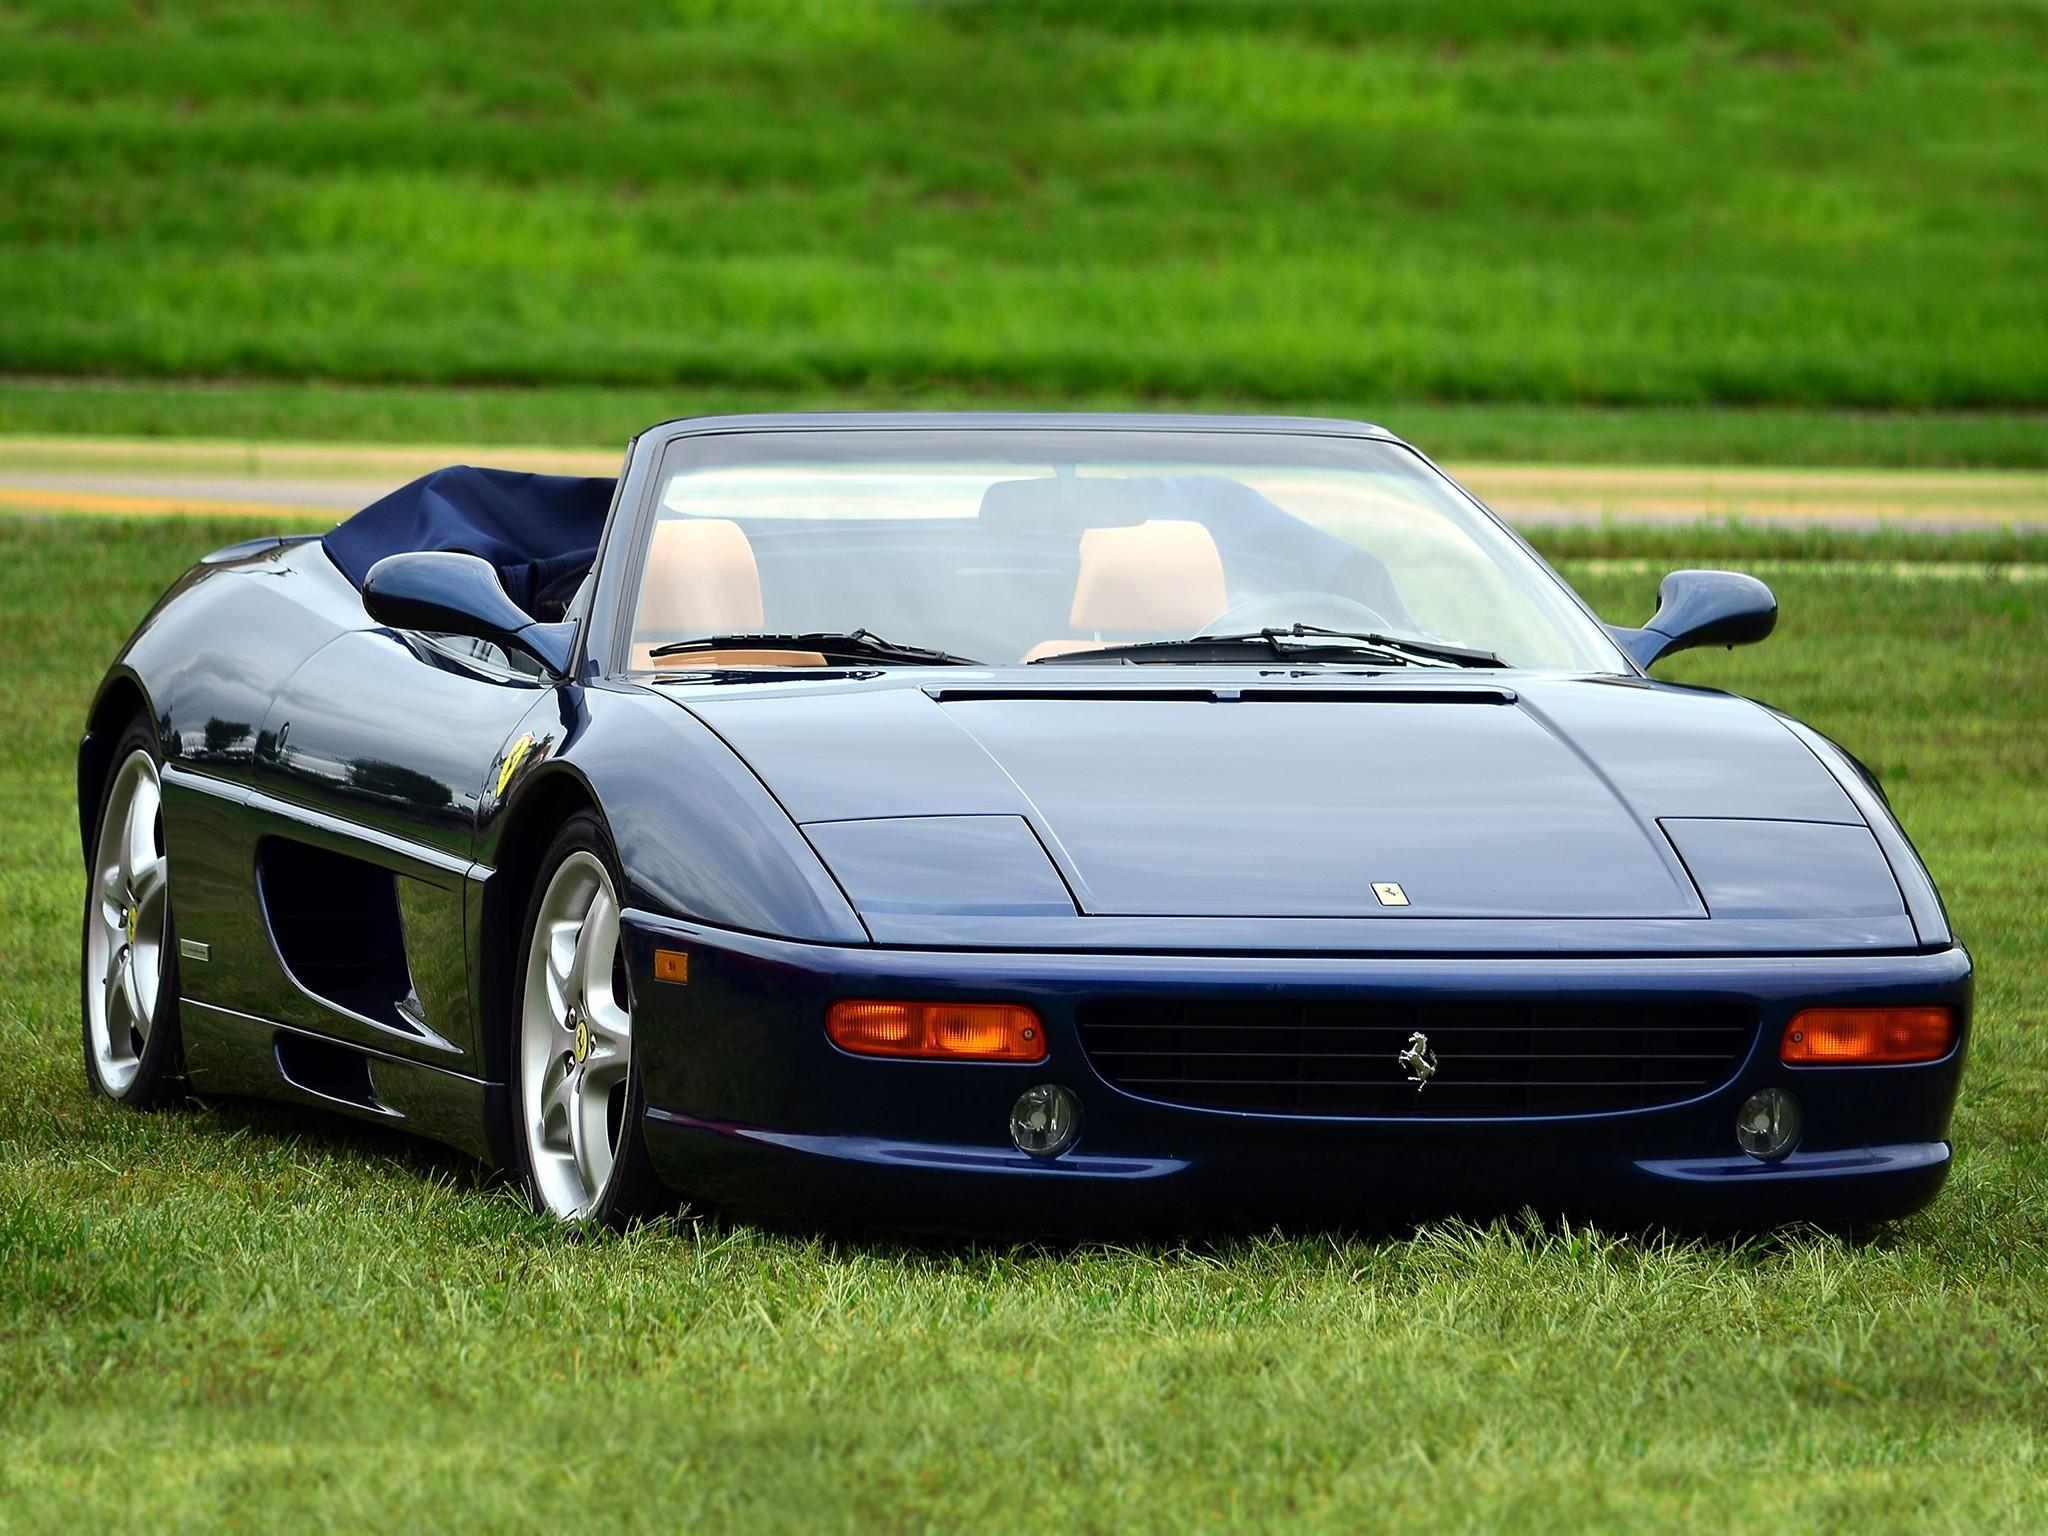 Ferrari F355 Spider Specs 1995 1996 1997 1998 1999